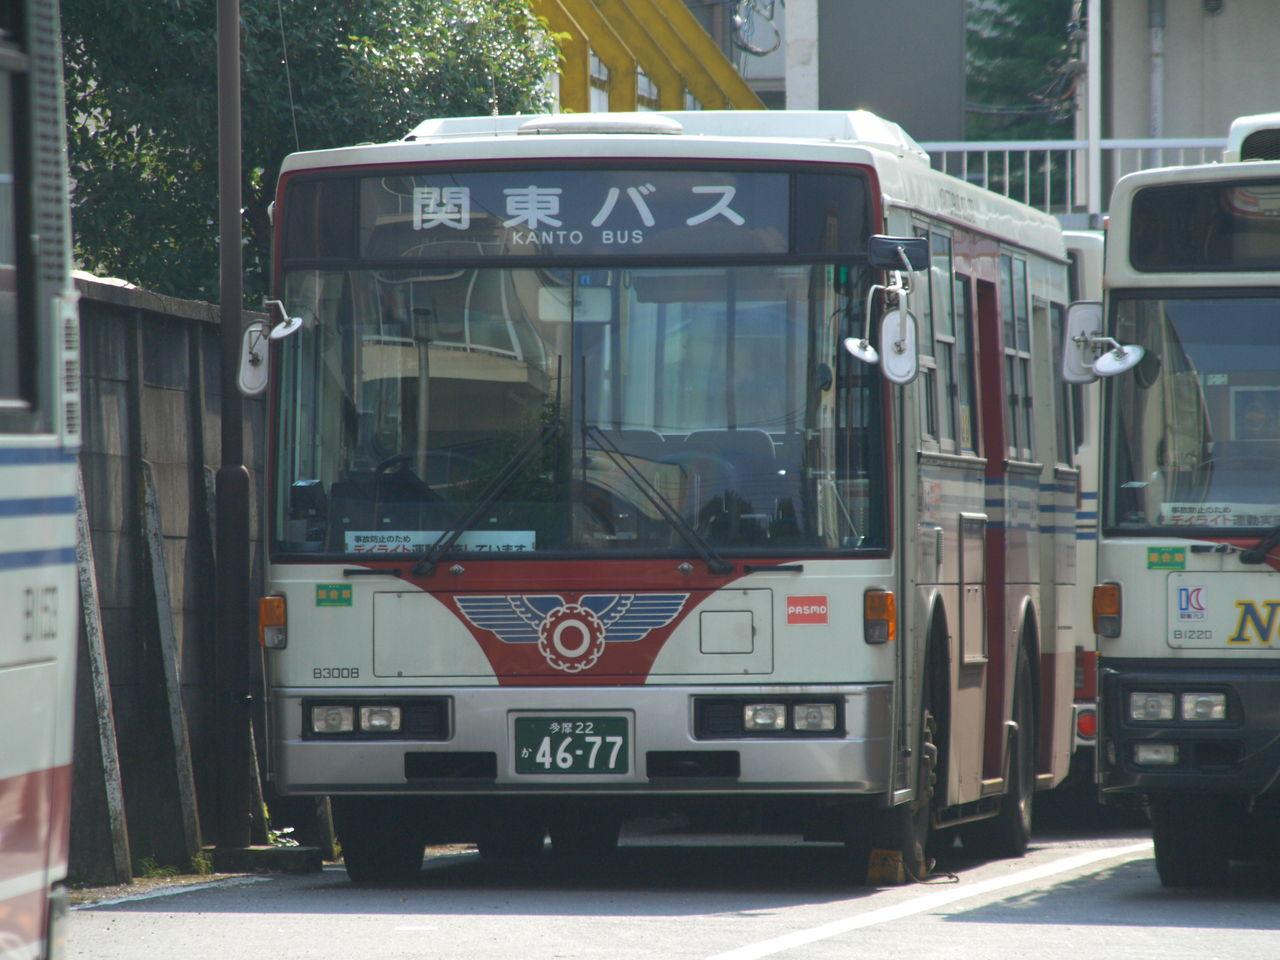 <b>関東バス</b> : 西武<b>関東バス</b>日記